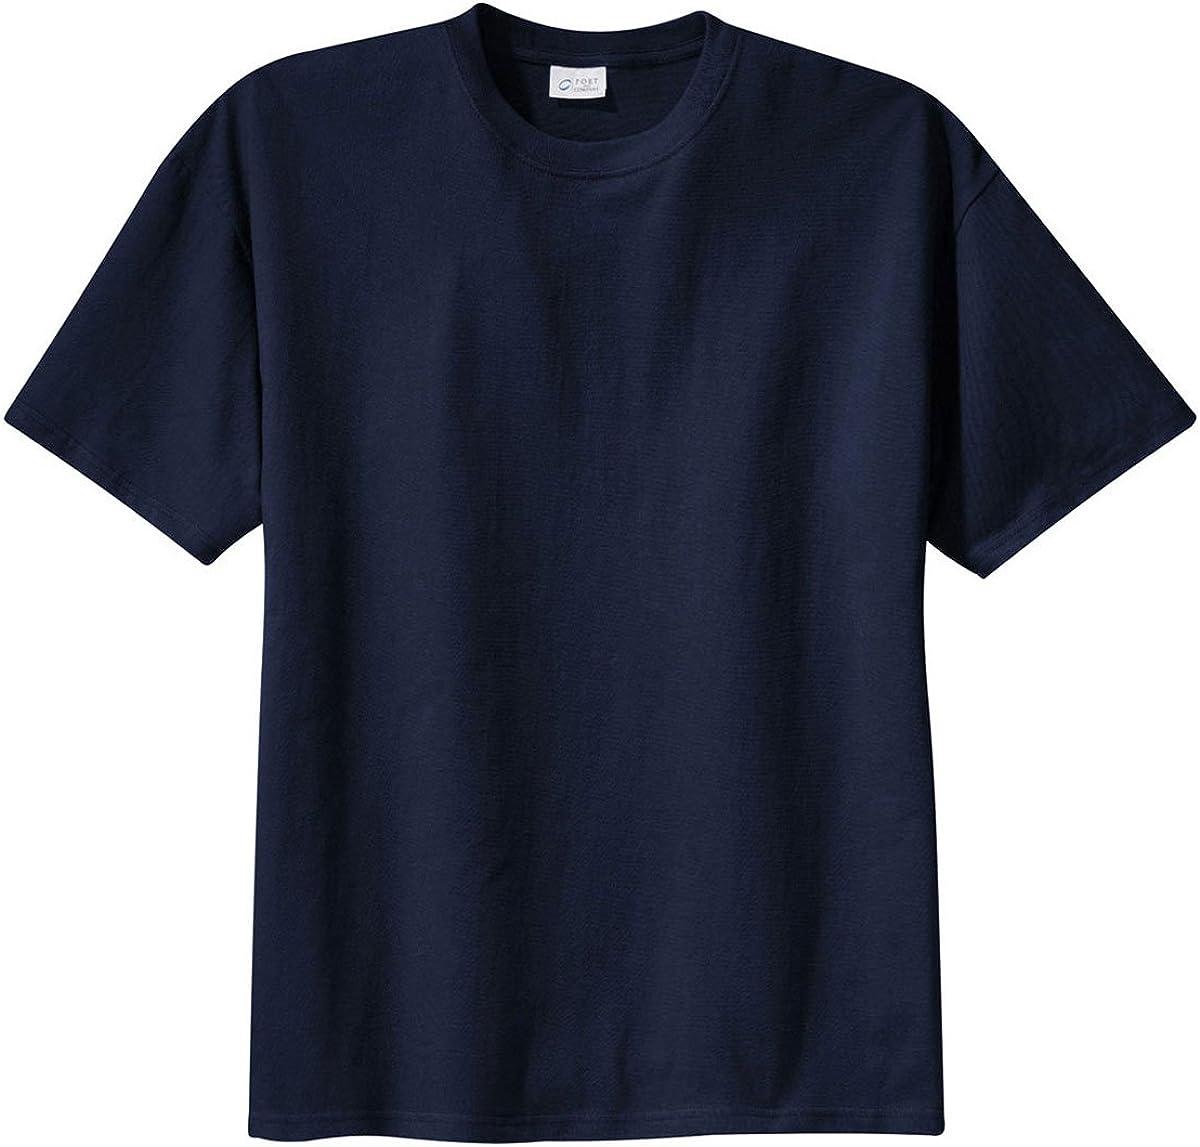 Port & Company Tall 100% Cotton Essential TShirt PC61T, Navy